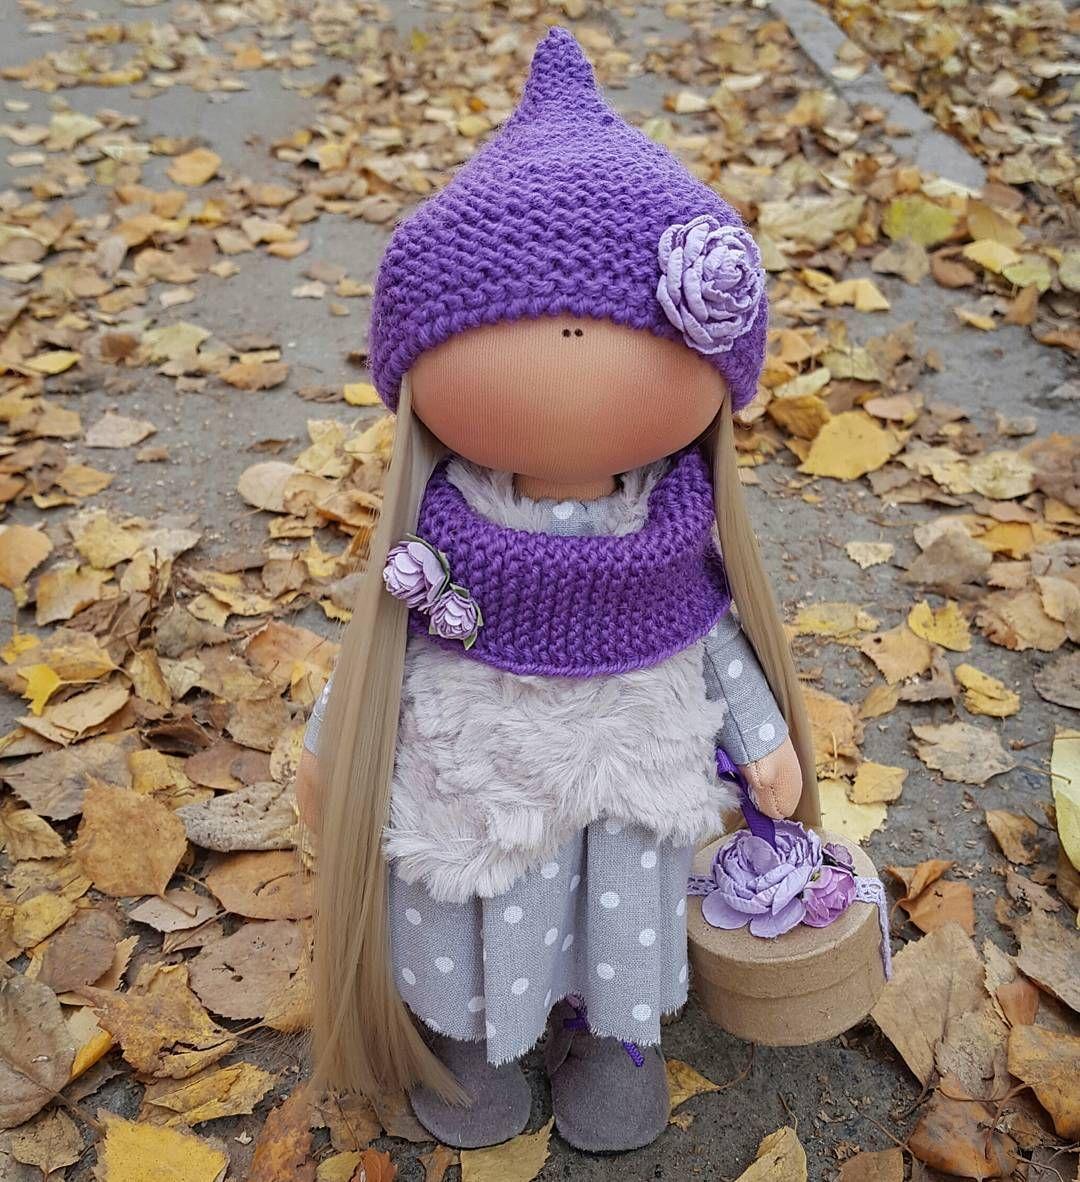 Если бы у каждой девочки был такой наряд этой осенью,то никакой депрессии не было бы и в помине 🍁🍂🍁🍂😂#кукла #кукларучнойработы  #текстильнаякукла #куклаизткани #интерьернаякукла #интерьернаяигрушка #рукоделие #тильда #творчество #хобби #сделайсам #снежка #большеножка #куколка #kukla #doll #dollstagram#куклыекатеринбург#екатеринбург #подарок #дети #купить#семья  #нежнятина #милота #мкекб #мкекатеринбург